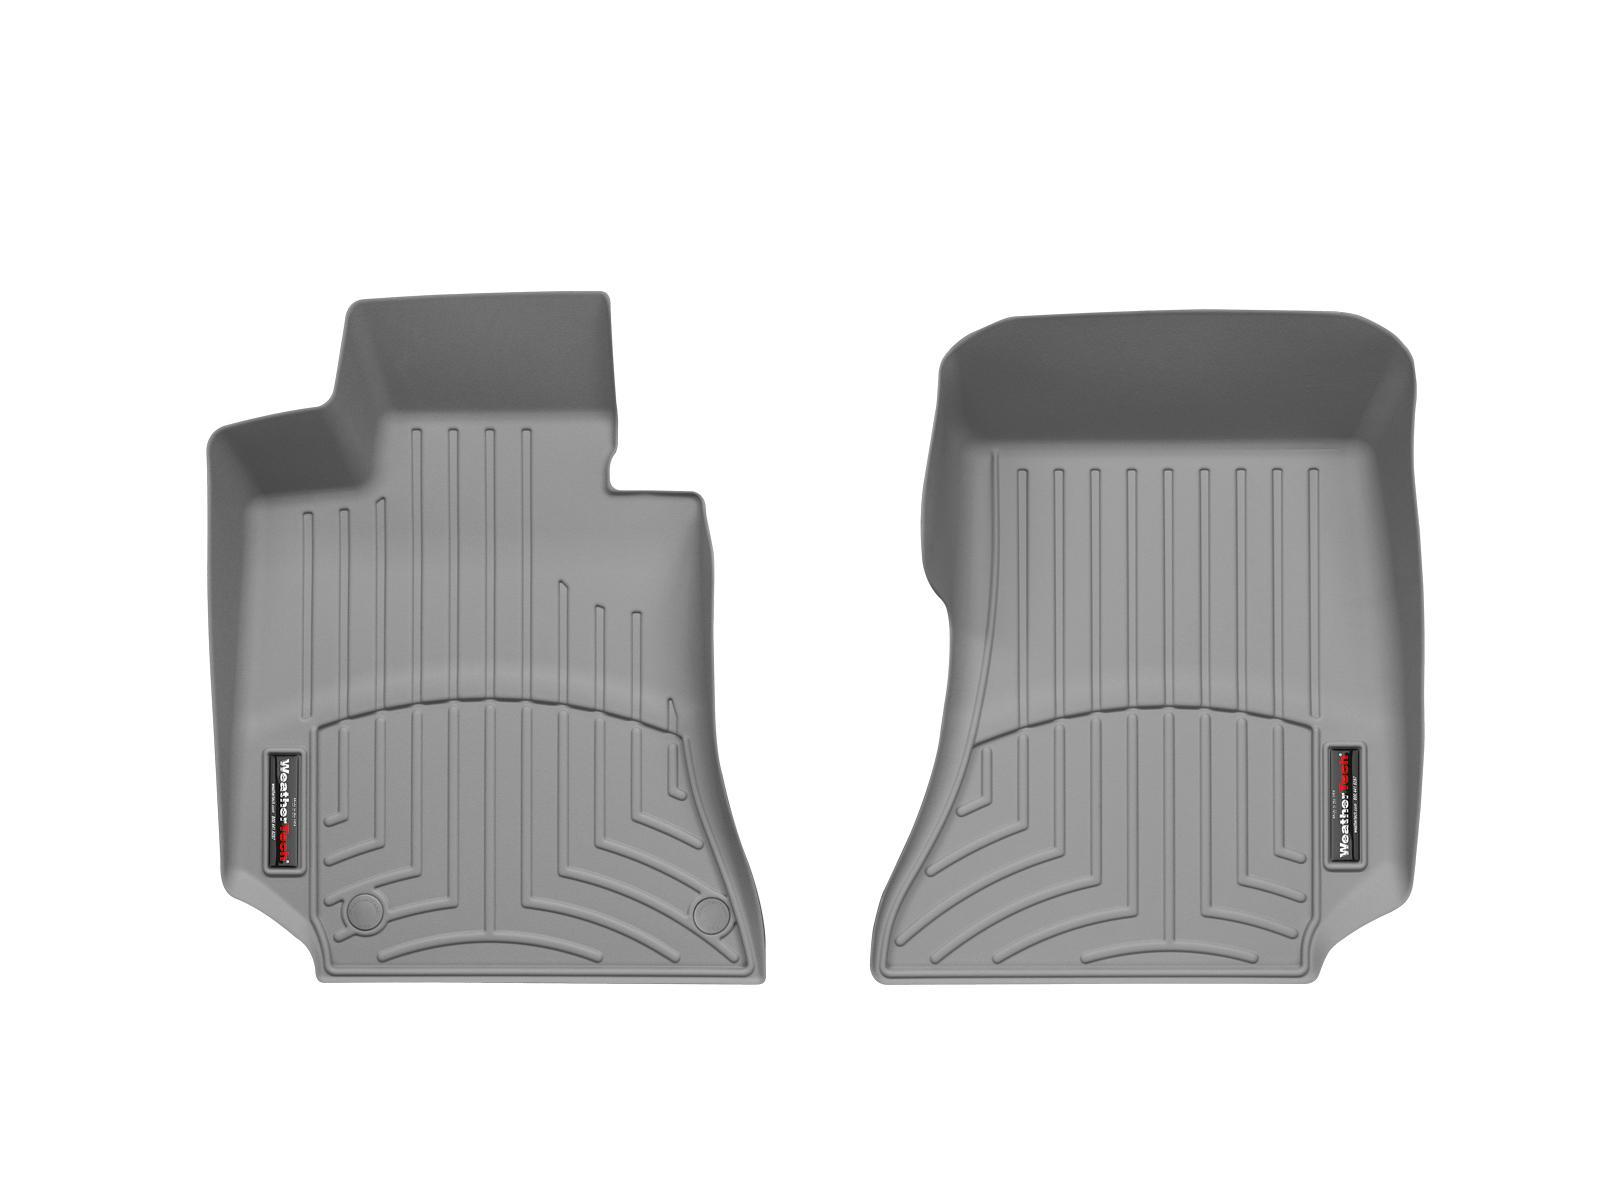 Tappeti gomma su misura bordo alto Mercedes E-Class 09>11 Grigio A2375*